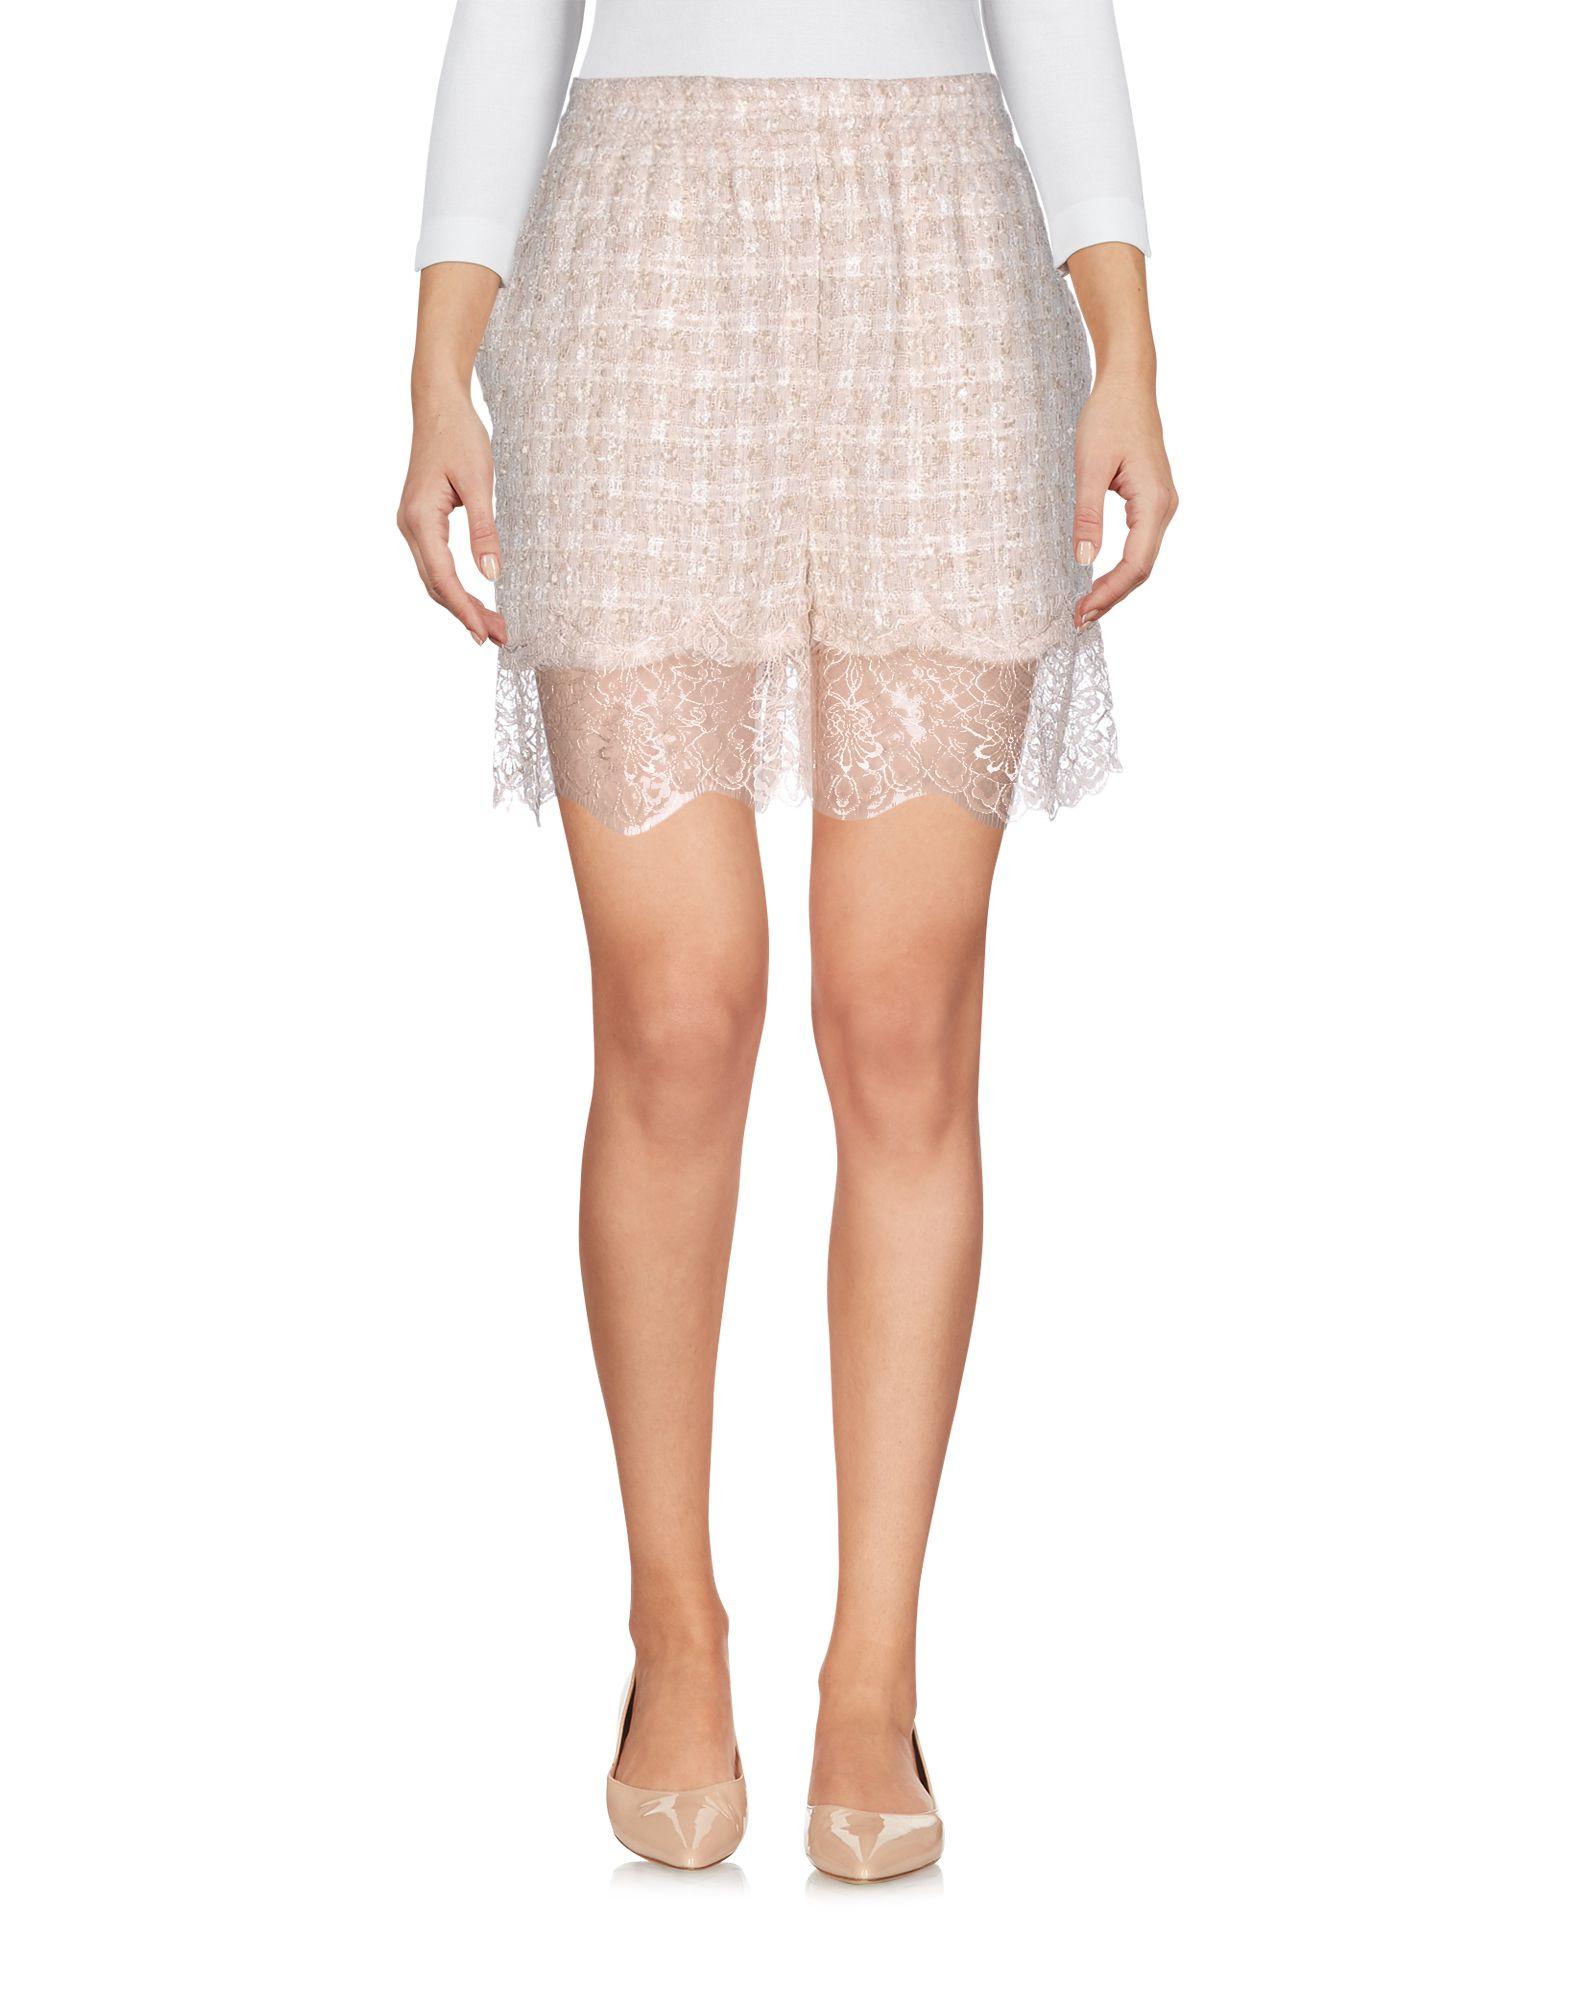 FAITH CONNEXION Damen Shorts Farbe Beige Größe 4 jetztbilligerkaufen